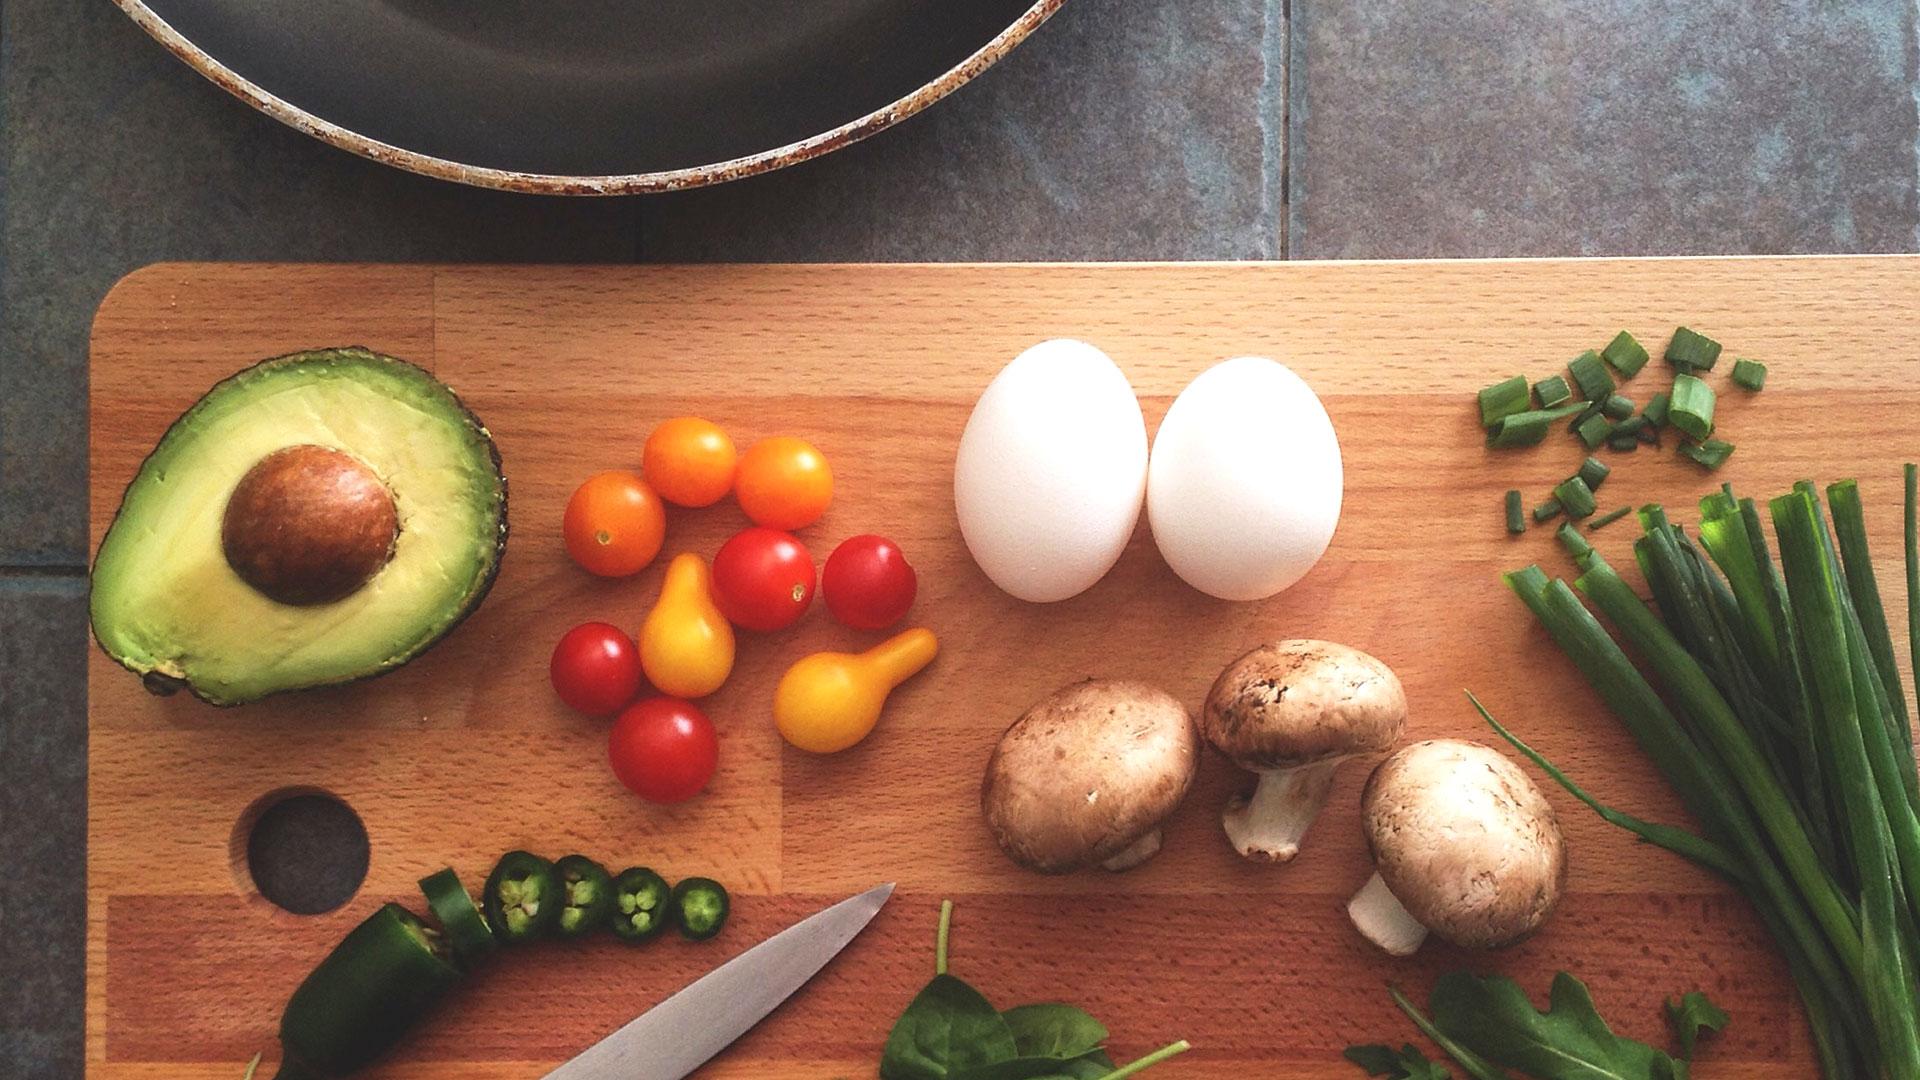 Simon-Farrar-Cooking-Healthy.jpg